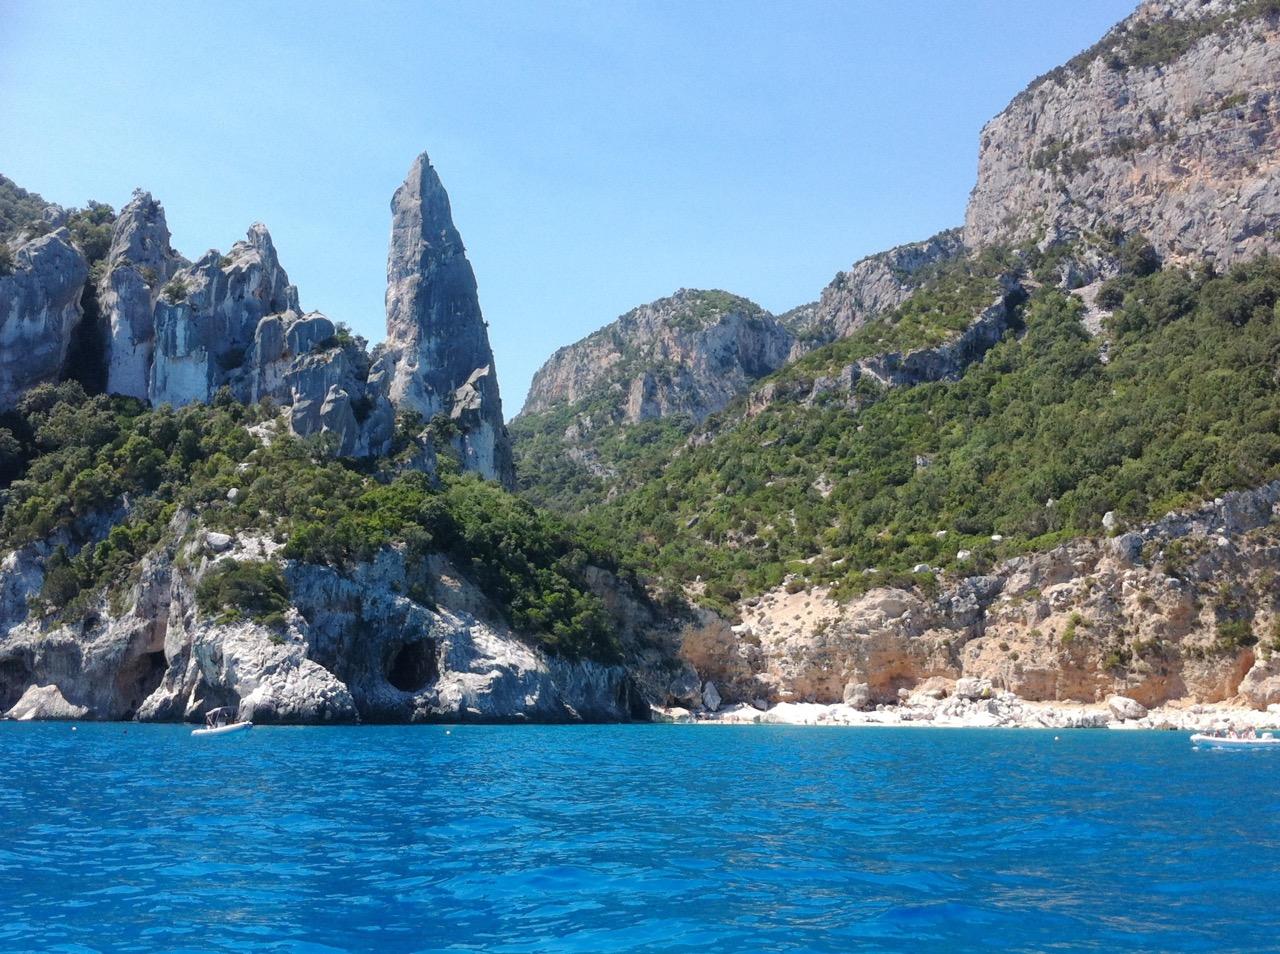 Inbegriff der Traumbucht: Cala Goloritzè, vom Meer aus gesehen